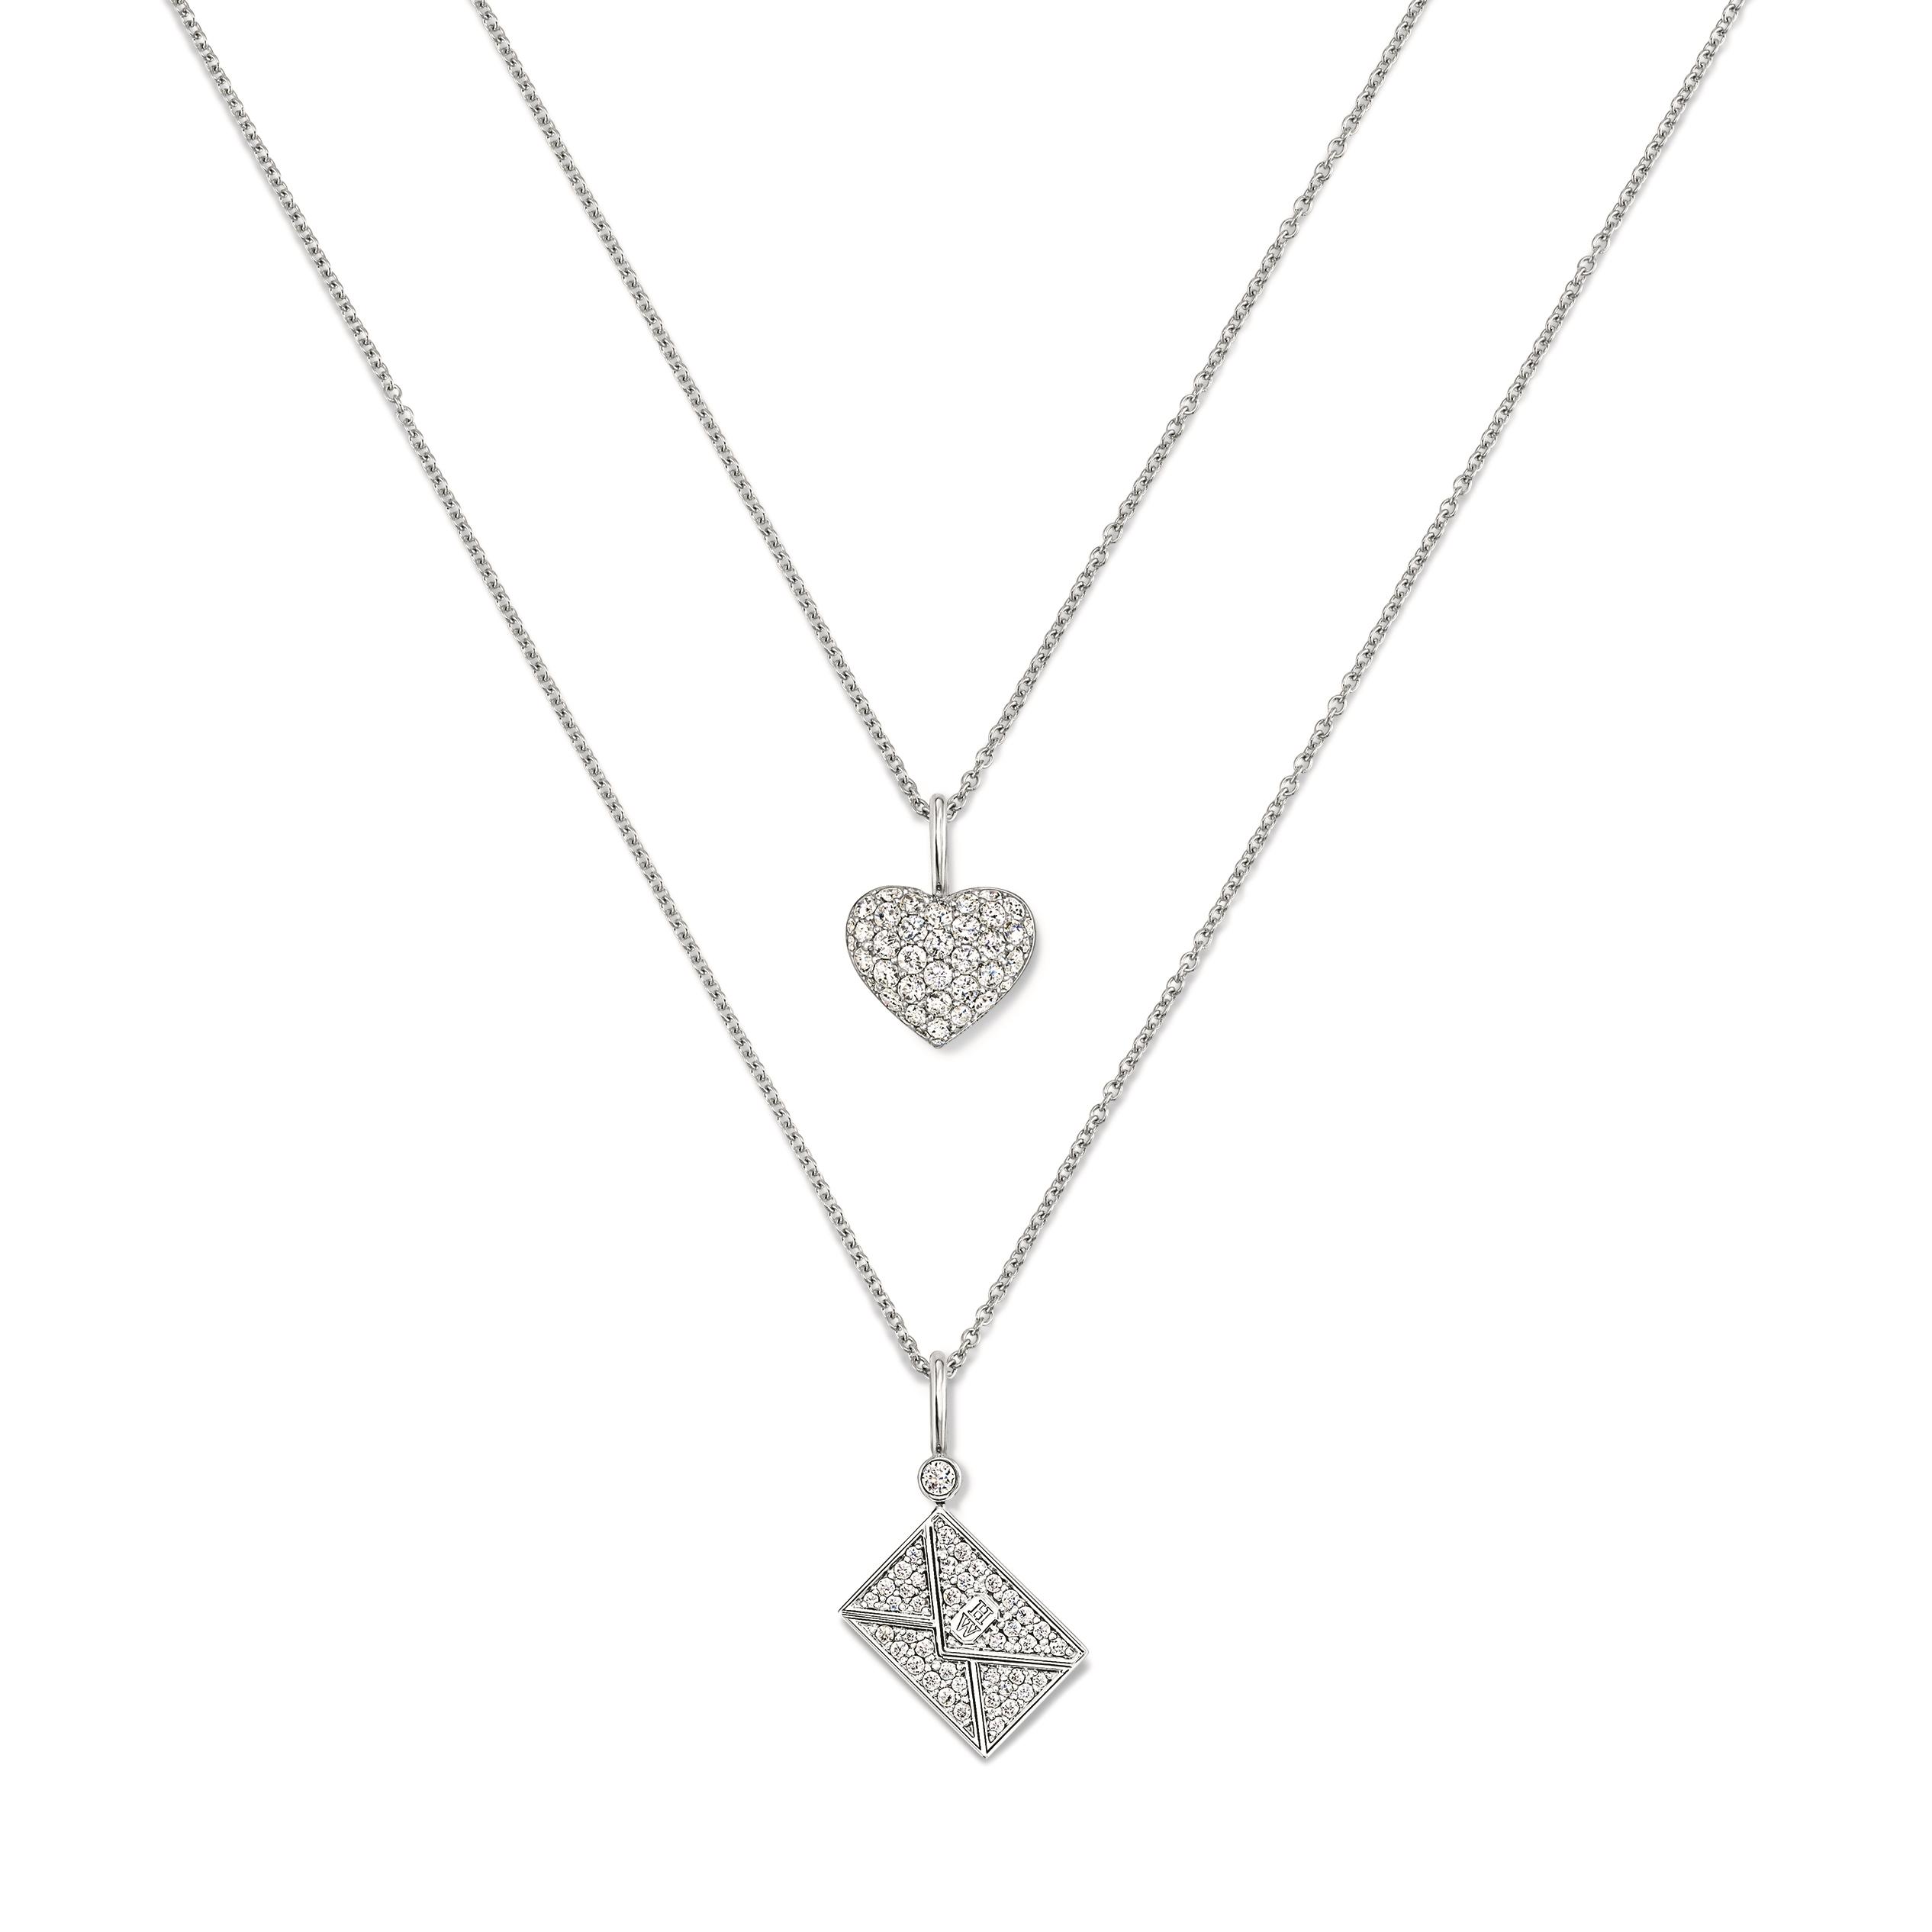 (上)Charms珠寶系列極細微密釘鑲嵌心形鑽石鉑金鍊墜(下)Harry Winston郵箋鑽石黃鉑金鍊墜 by Harry Winston。